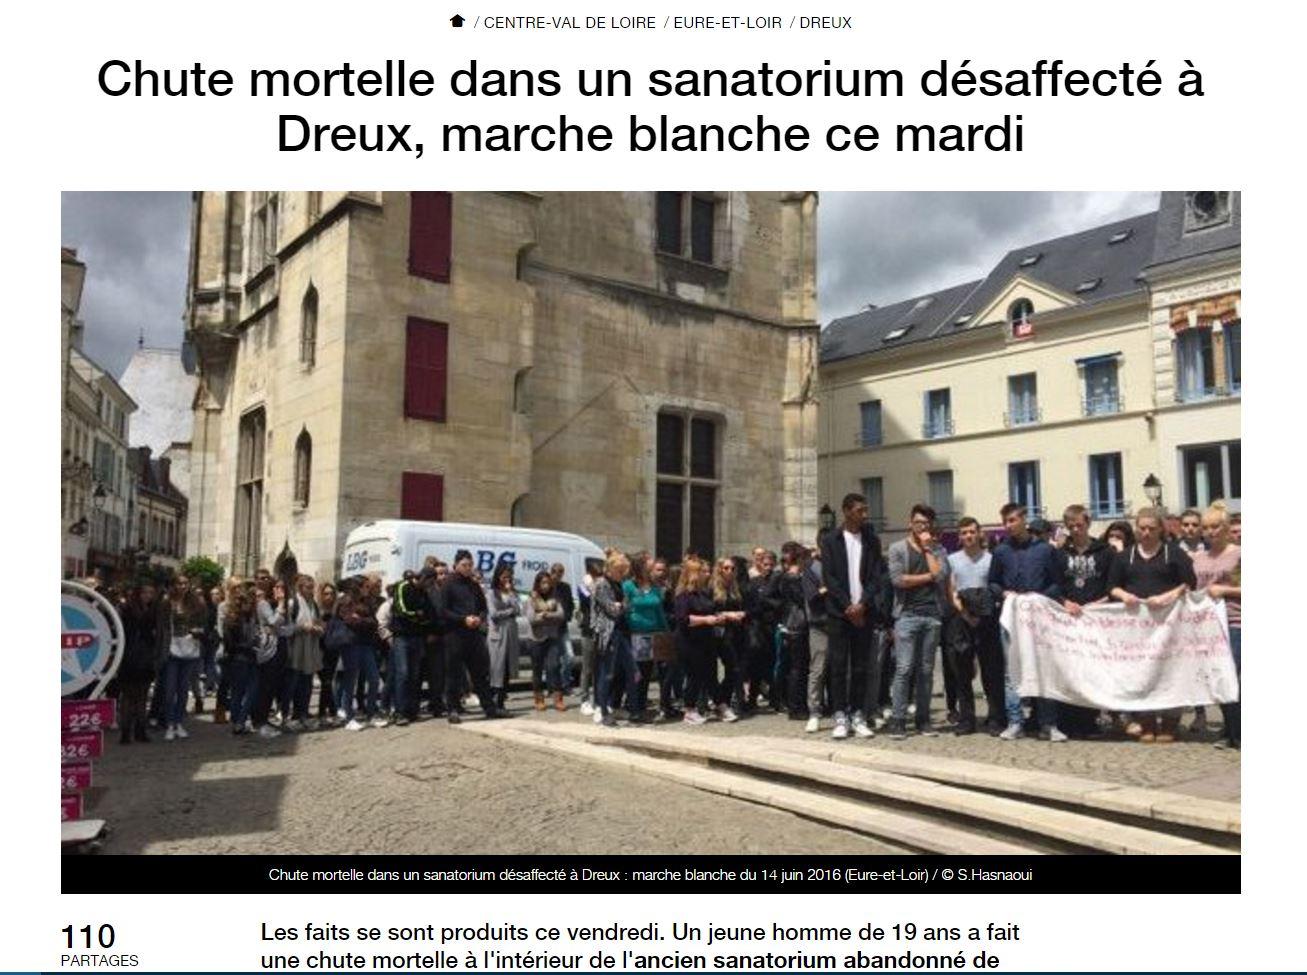 http://france3-regions.francetvinfo.fr/centre-val-de-loire/eure-et-loir/dreux/chute-mortelle-dans-un-sanatorium-desaffecte-dreux-marche-blanche-ce-mardi-1022049.html